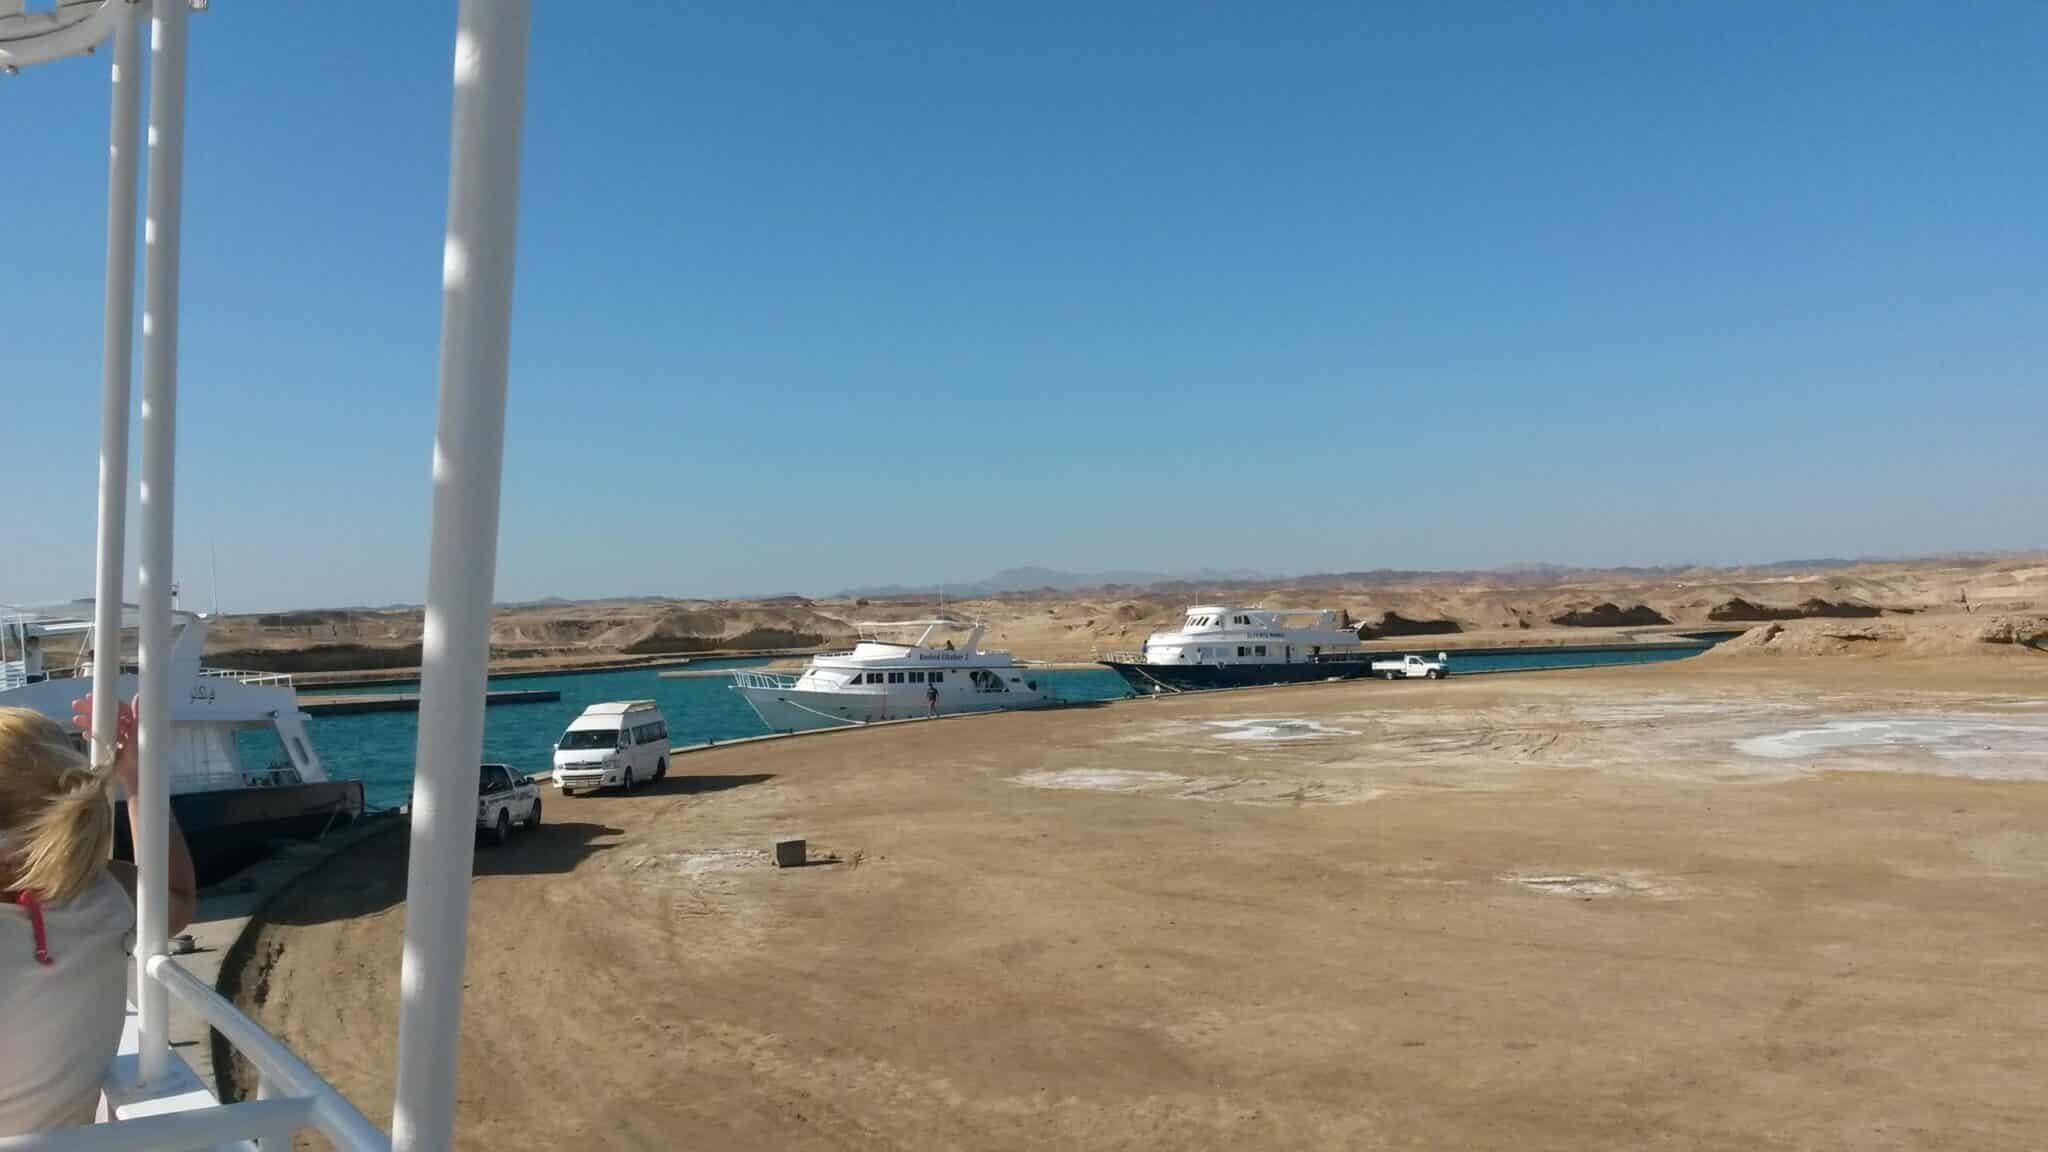 Tauchen/Schnorcheln in Marsa Alam, Ägypten